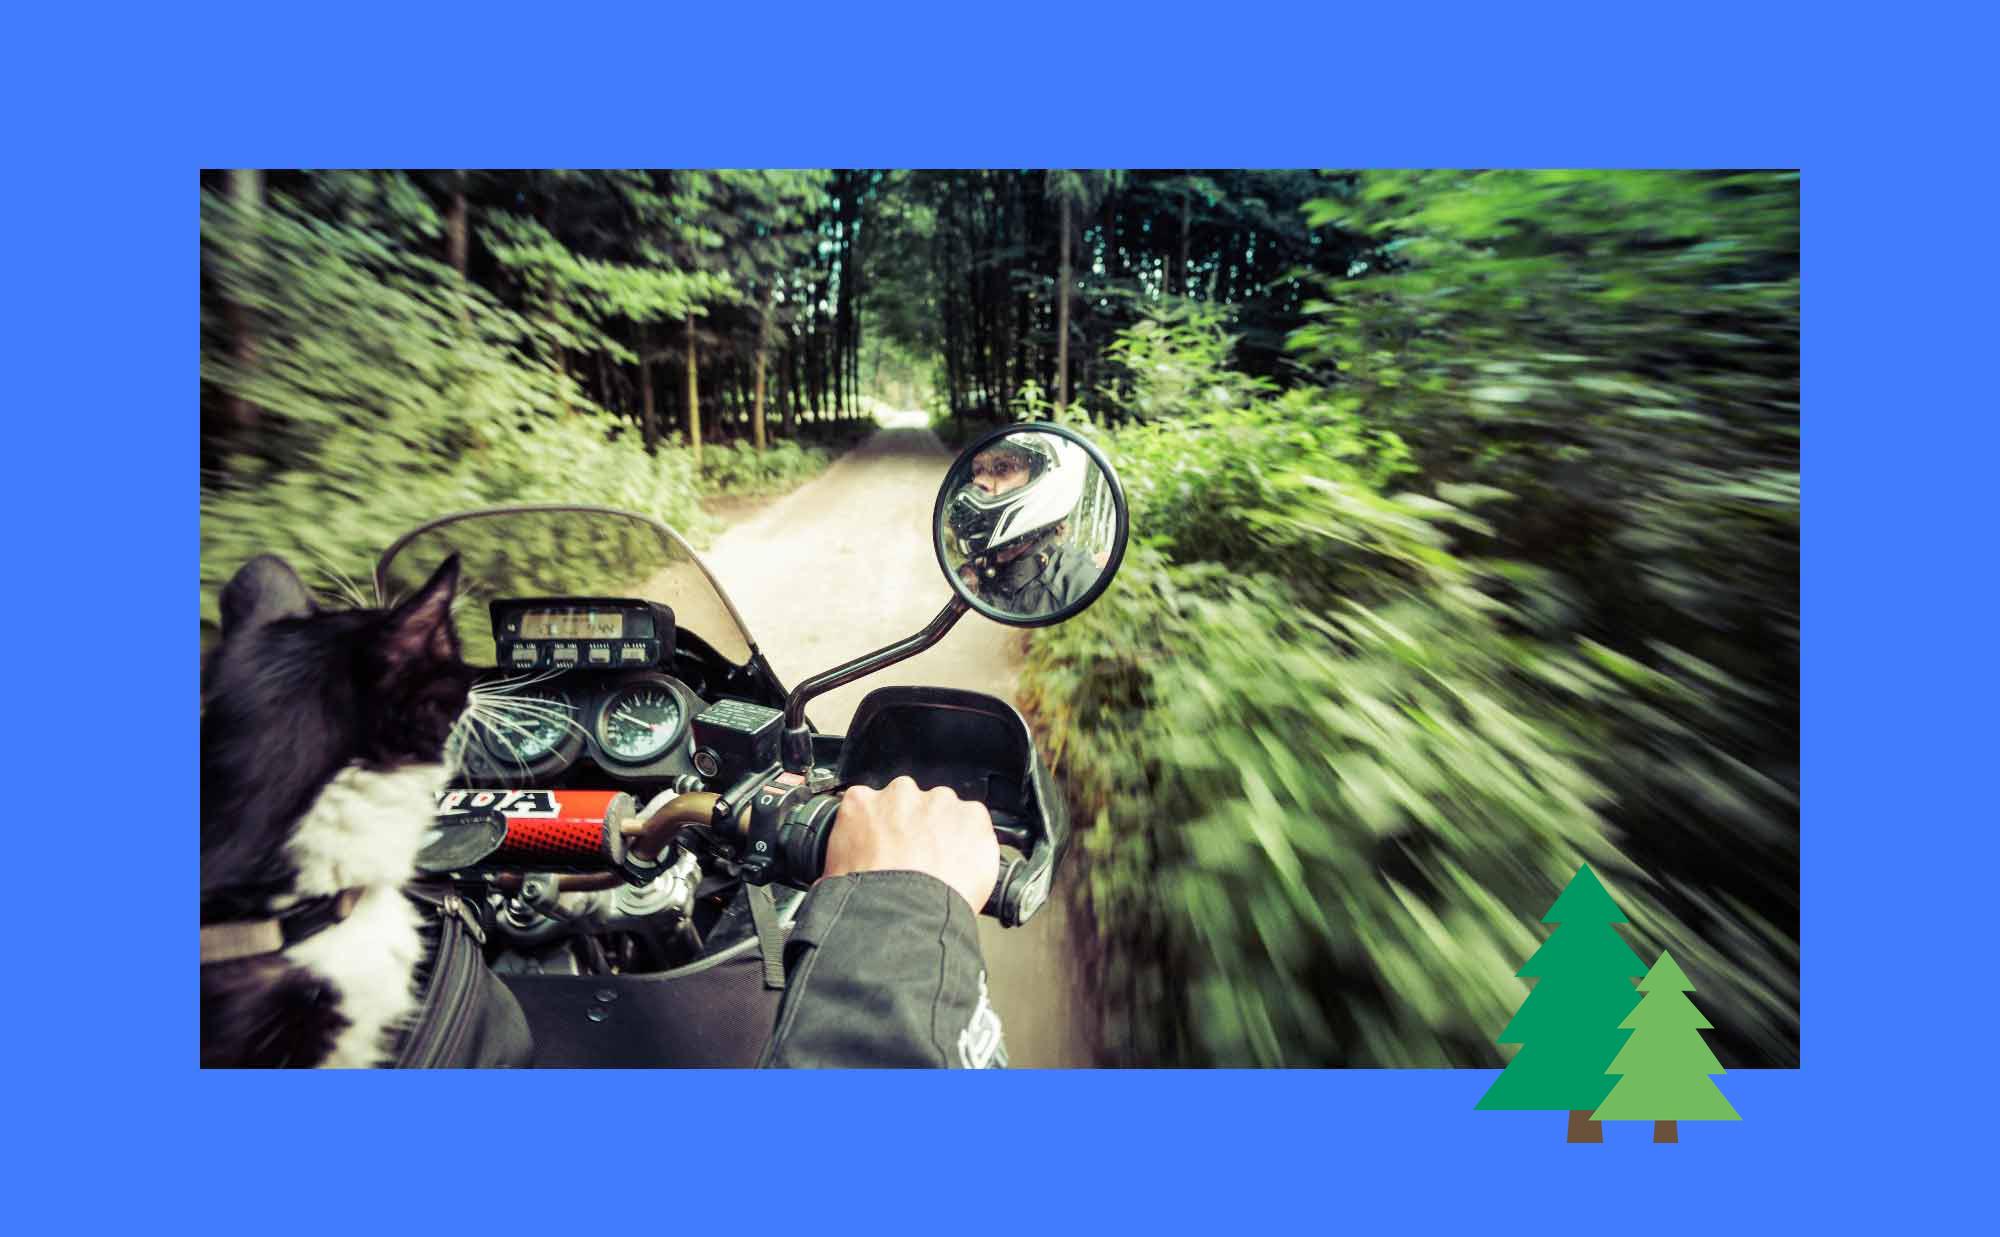 Motorrad-alleine-reisen